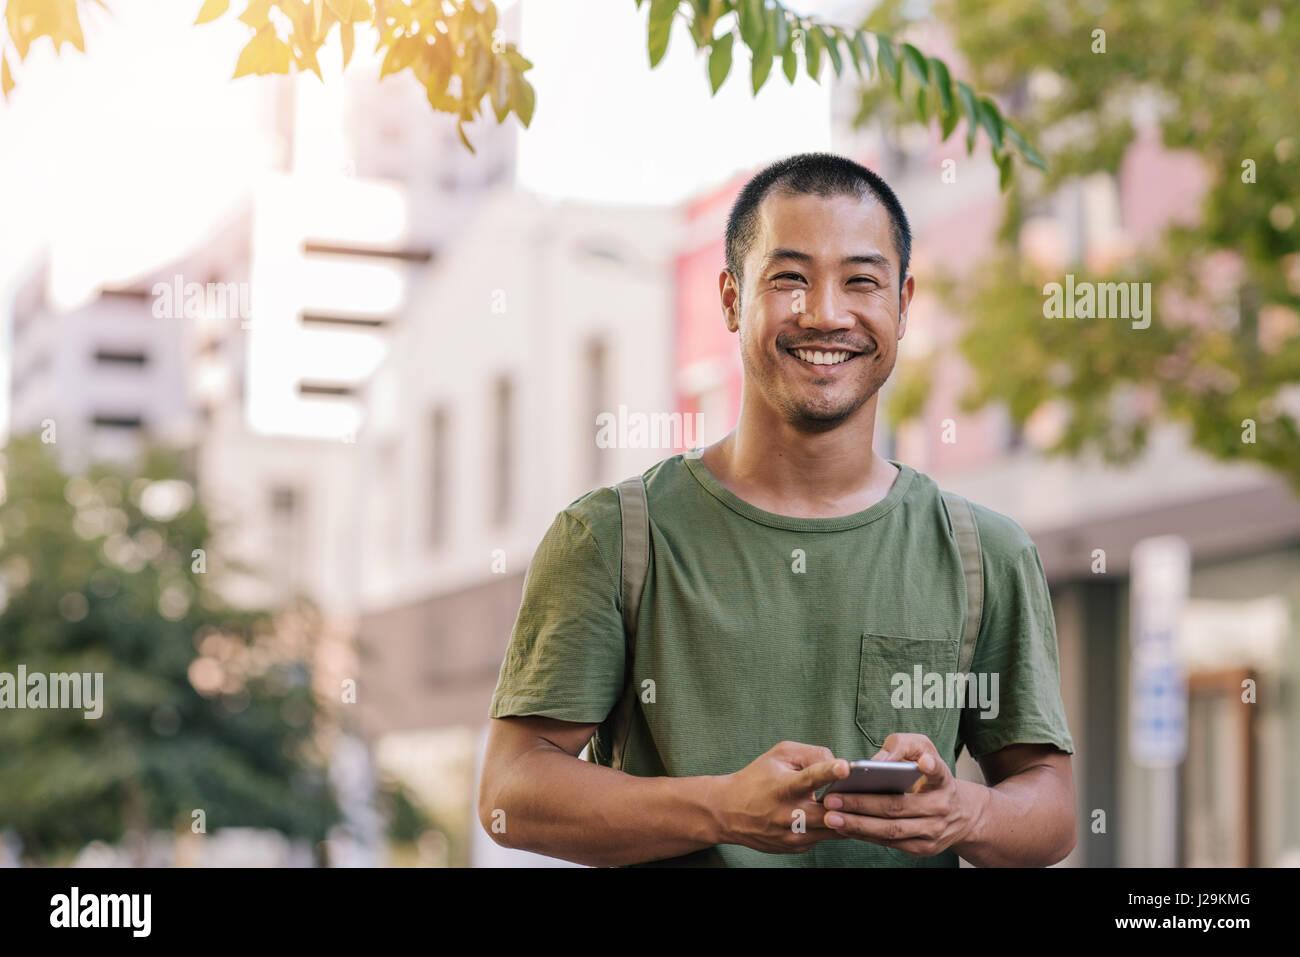 Junge asiatische Mann eine SMS auf sein Handy außerhalb Stockbild